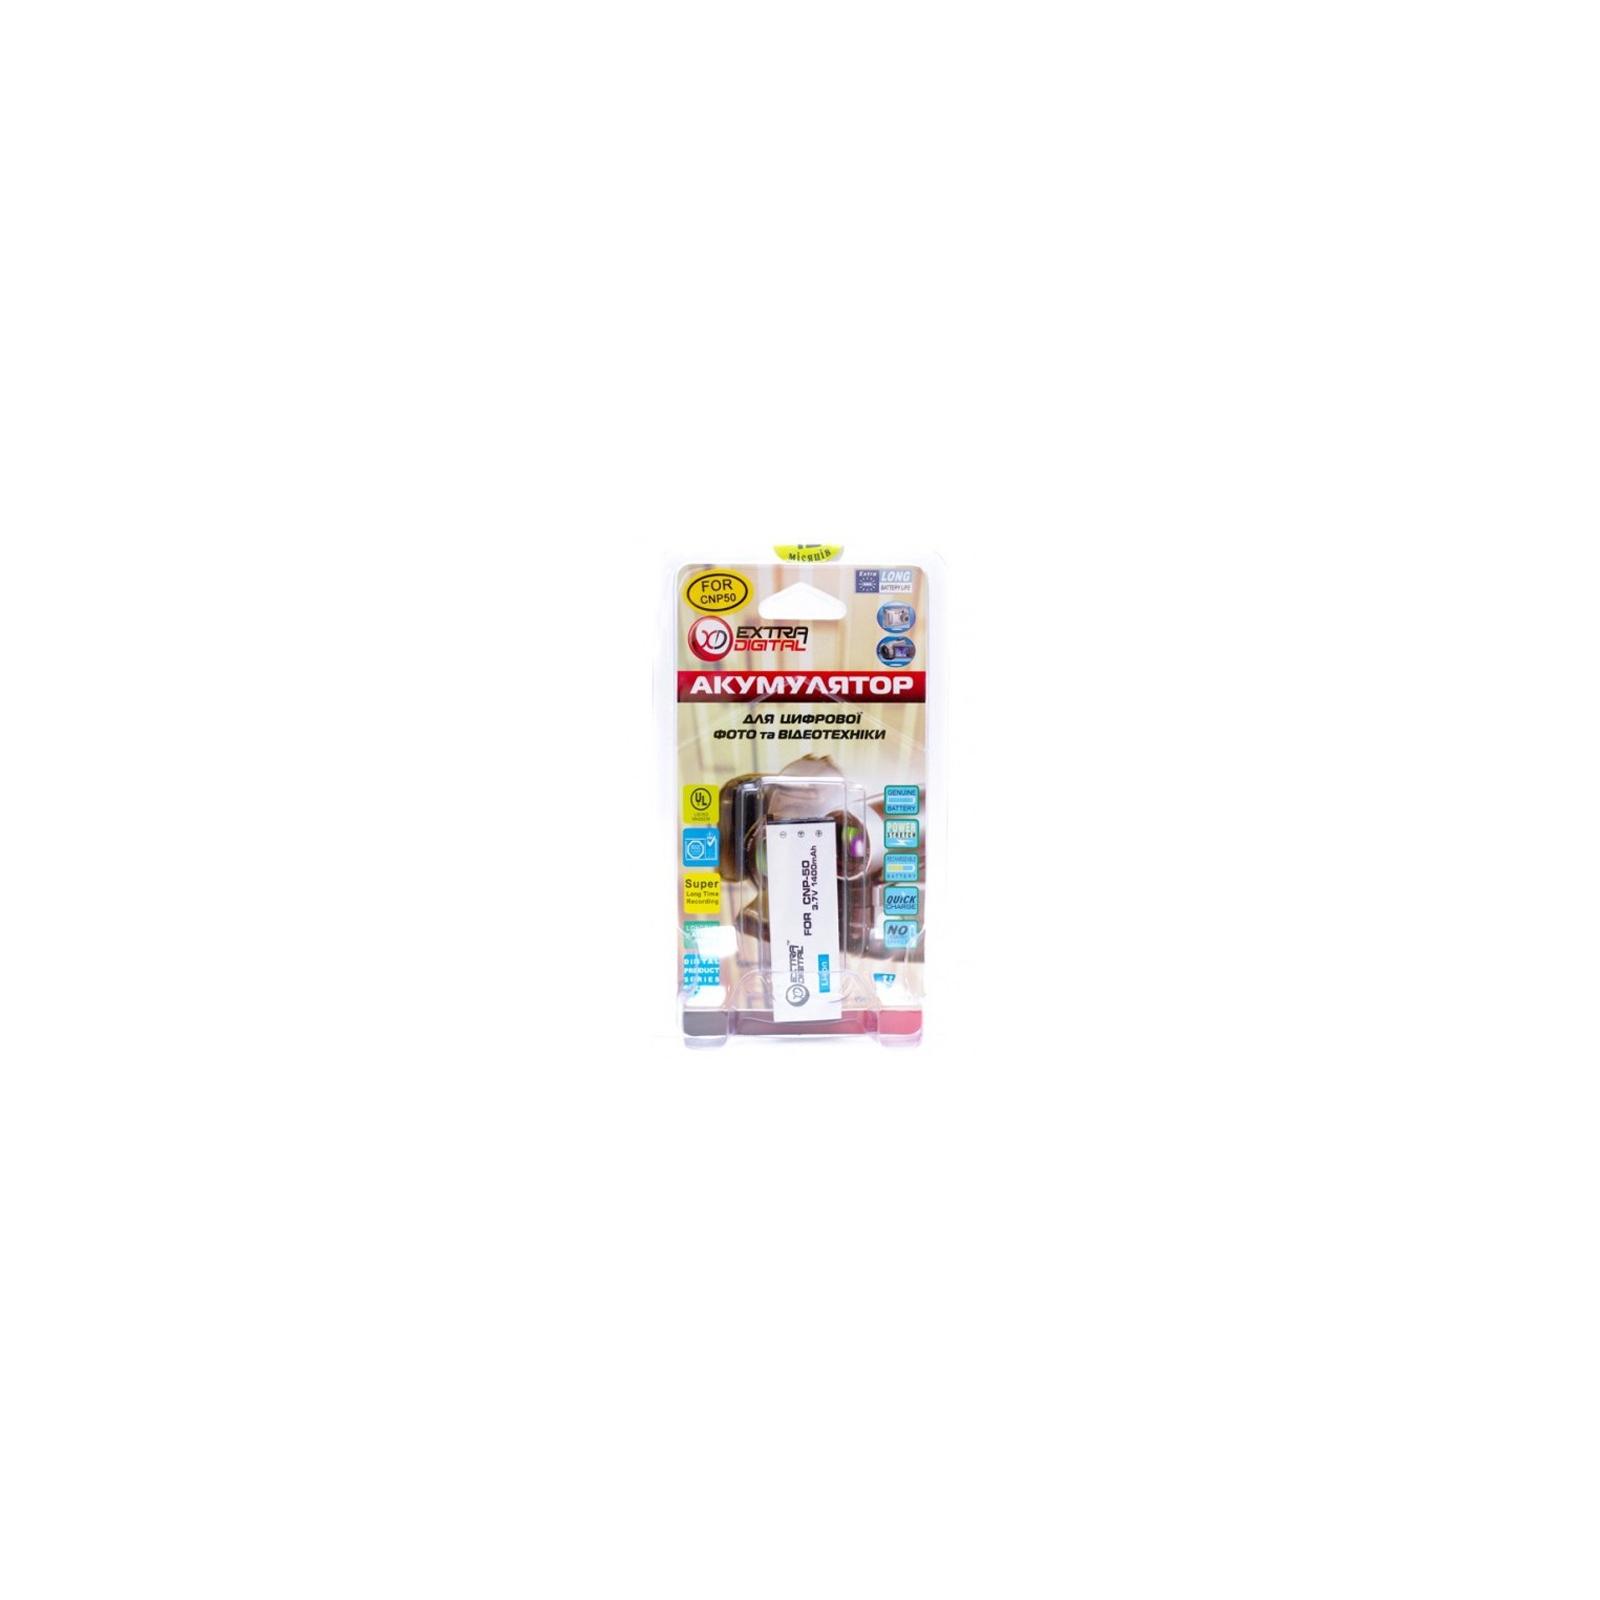 Аккумулятор к фото/видео EXTRADIGITAL Casio NP-50 (DV00DV1239) изображение 3